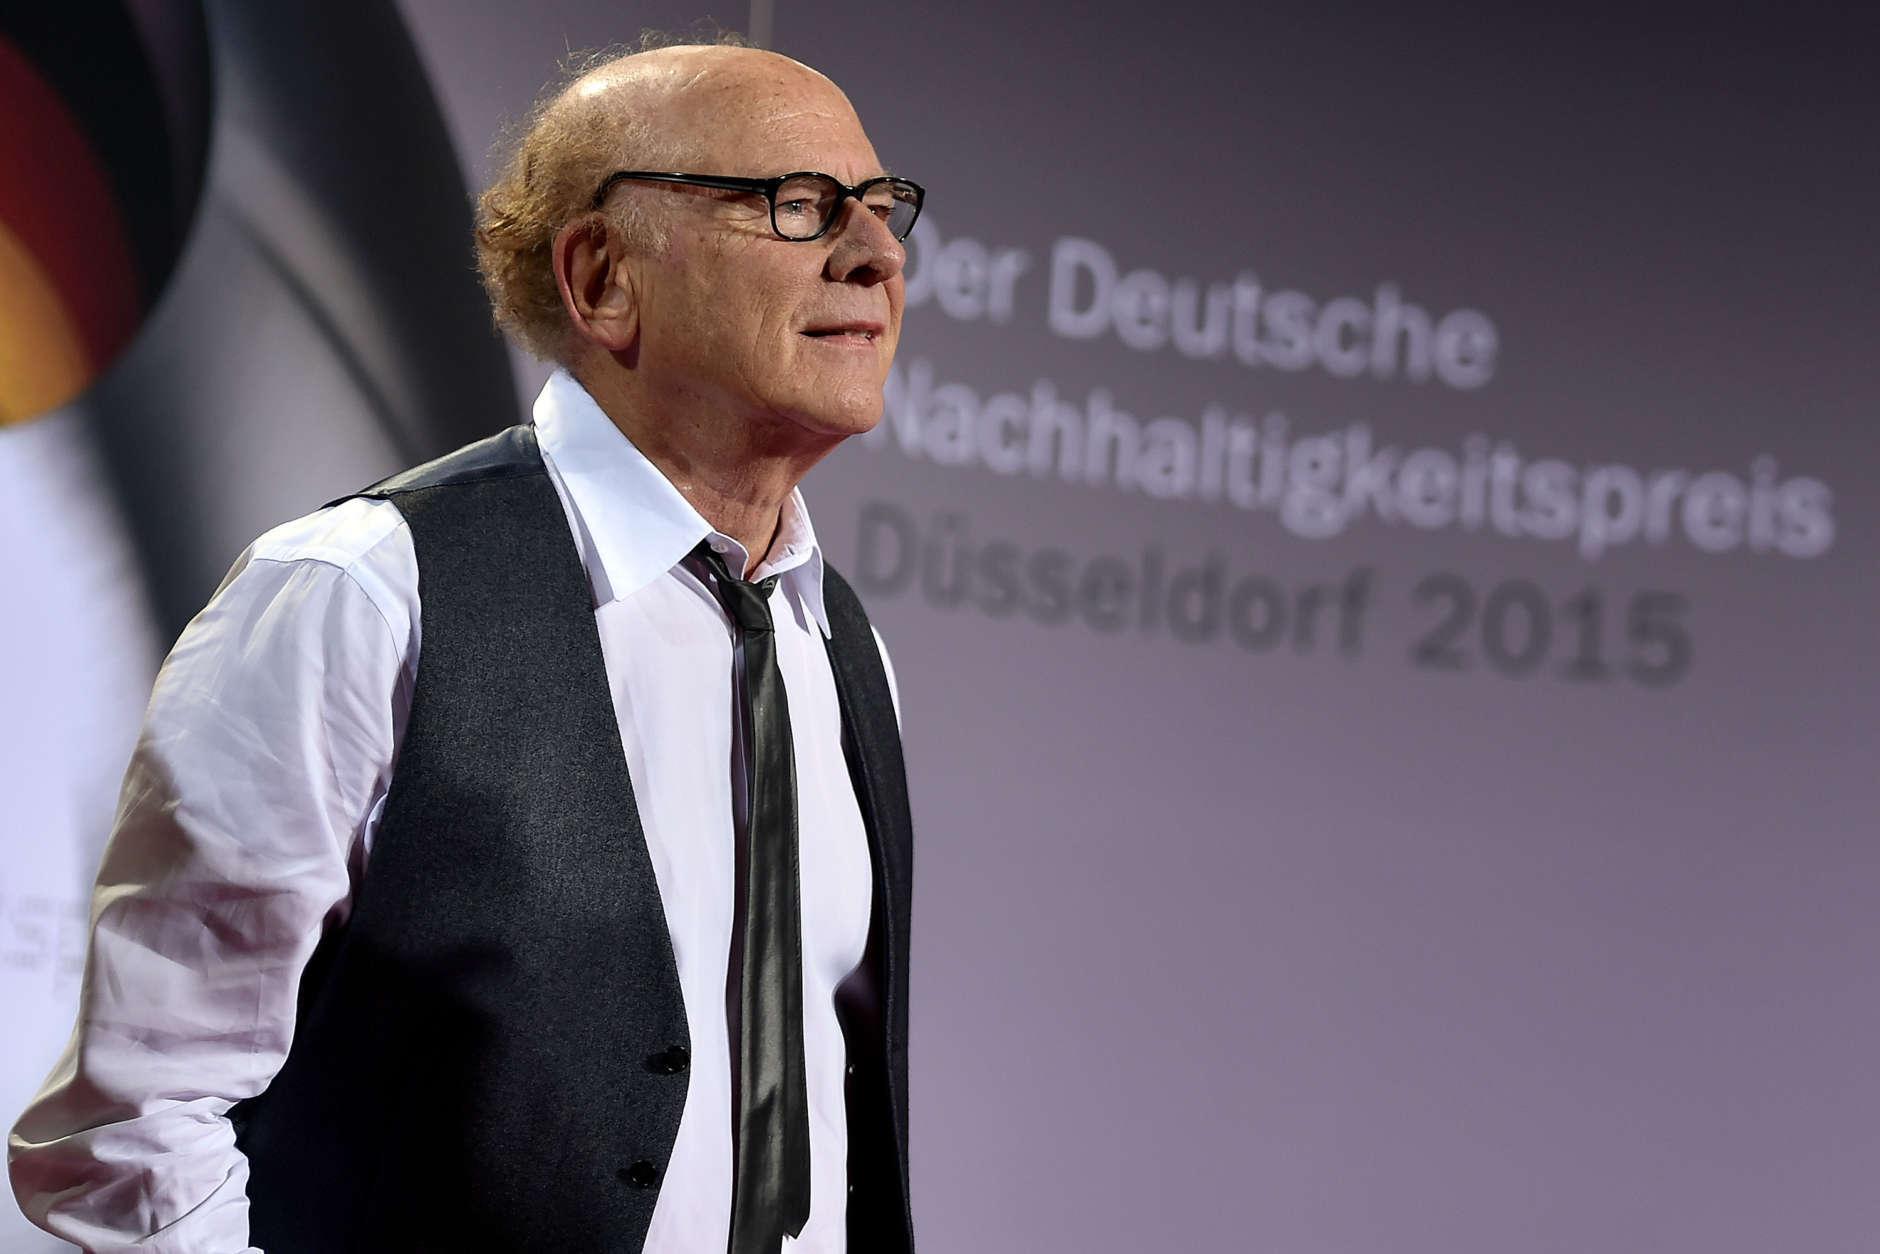 DUESSELDORF, GERMANY - NOVEMBER 27:  Art Garfunkel attends the German Sustainability Award 2015 (Deutscher Nachhaltigkeitspreis) at Maritim Hotel on November 27, 2015 in Duesseldorf, Germany.  (Photo by Sascha Steinbach/Getty Images)